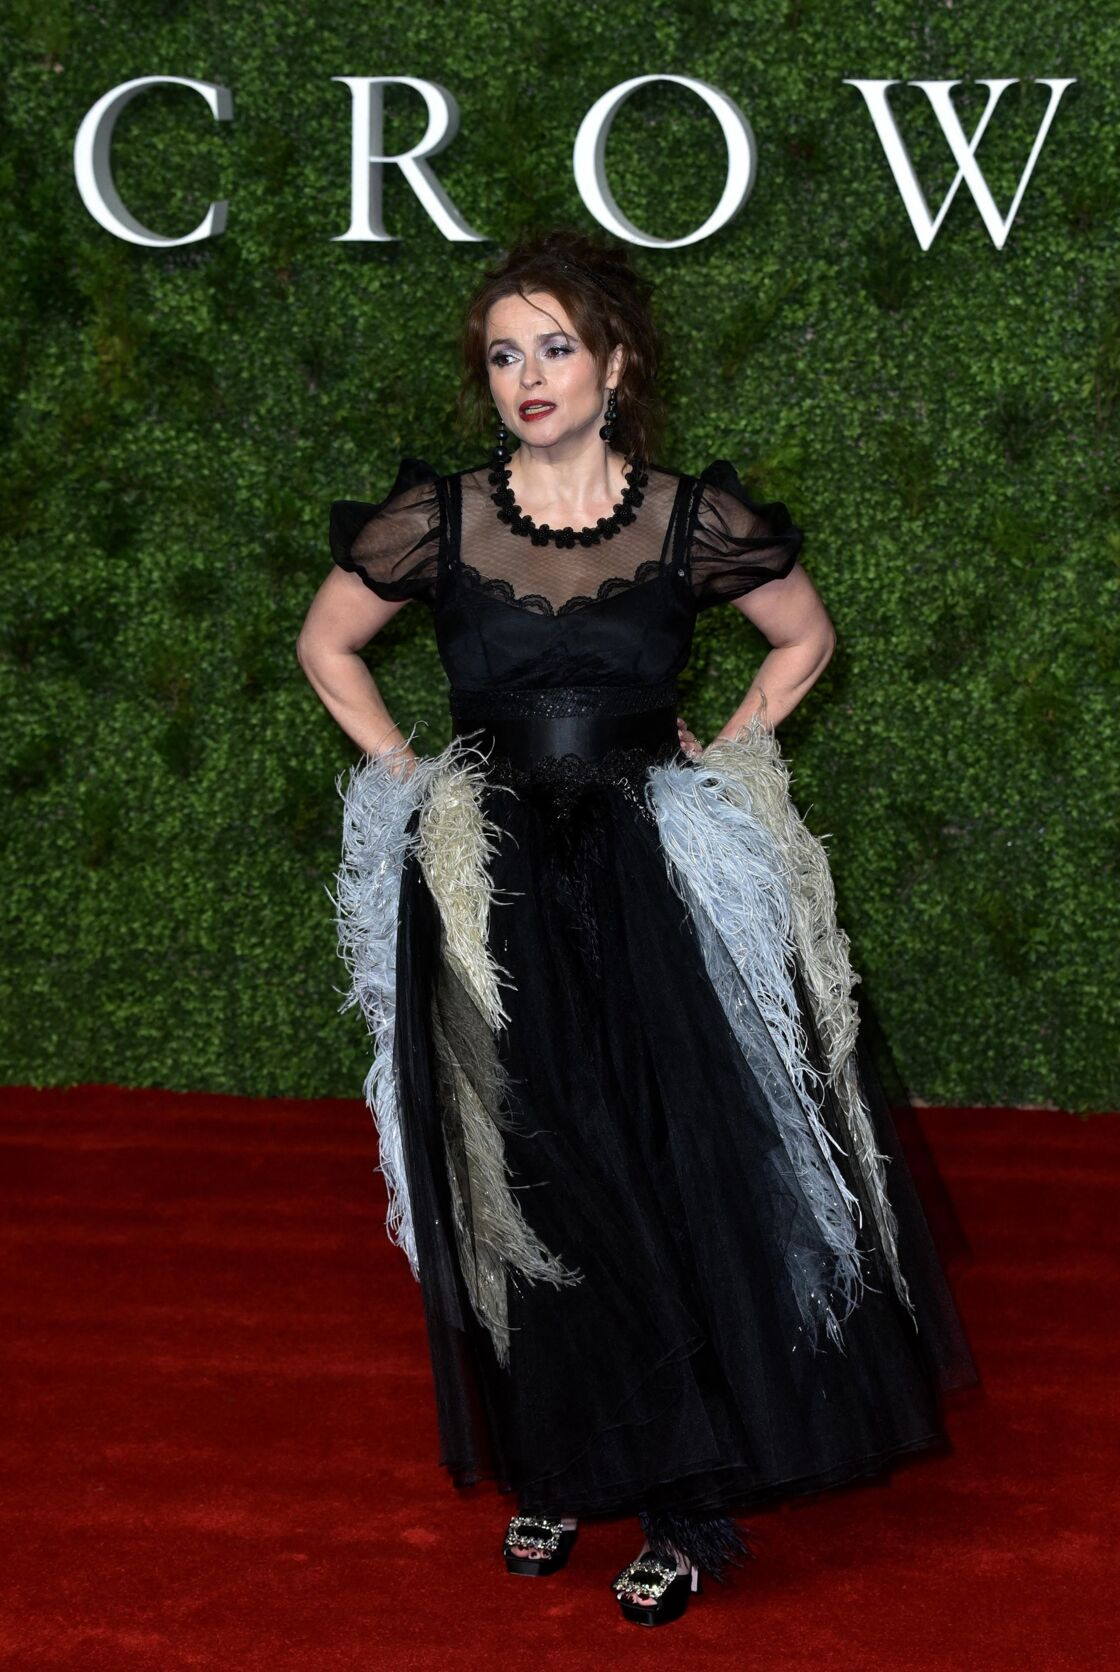 Helena Bonham Carter à l'avant-première de la troisième saison de la série The Crown à Londres, le 13 novembre 2019